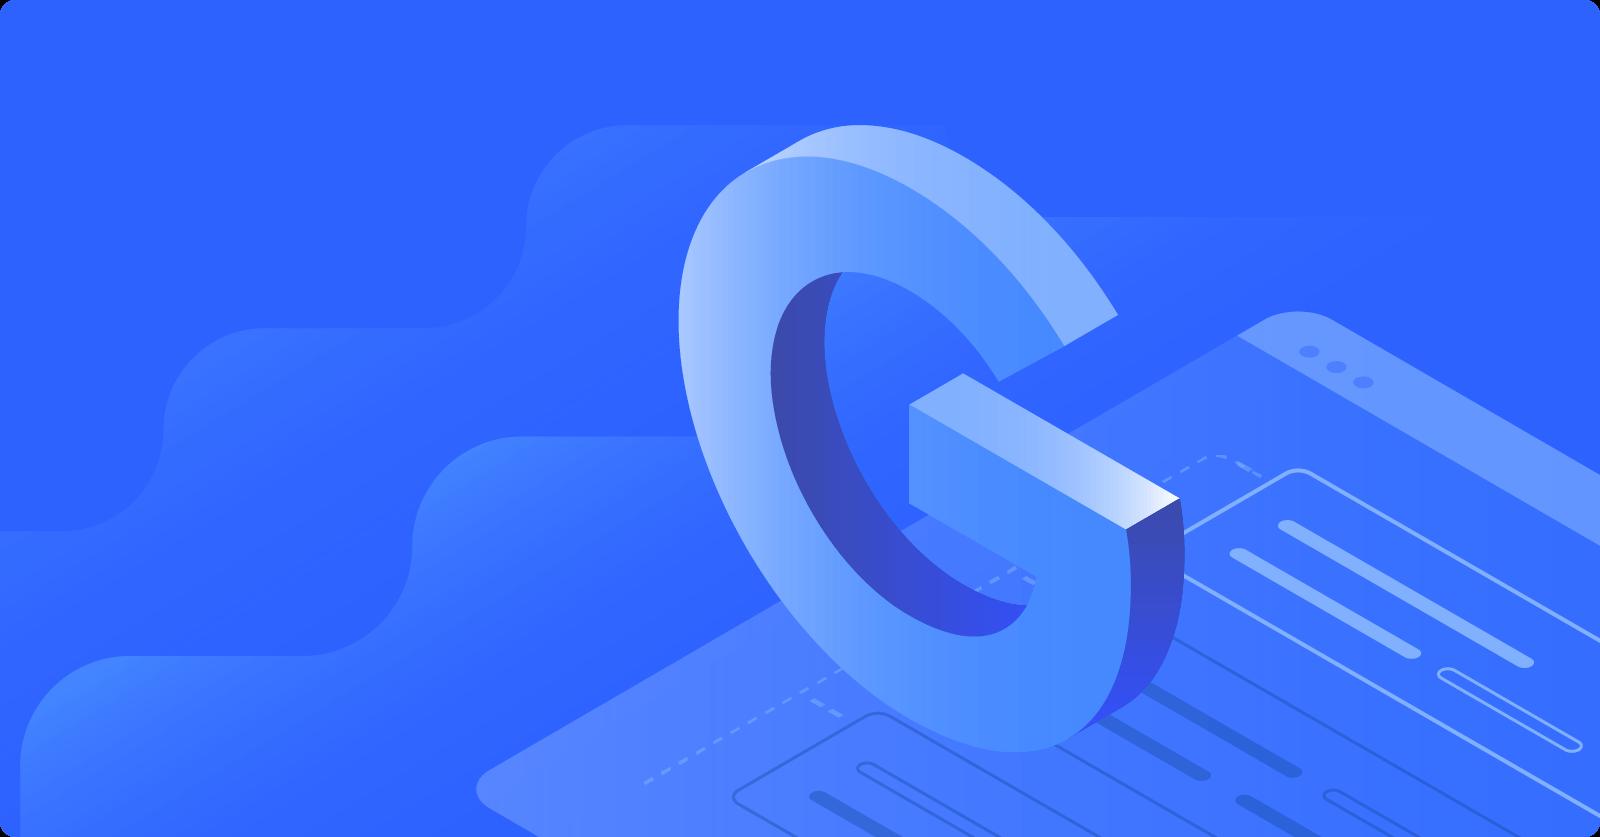 Comment se classer sur la page 1 de Google FAST (étude de cas approfondie)